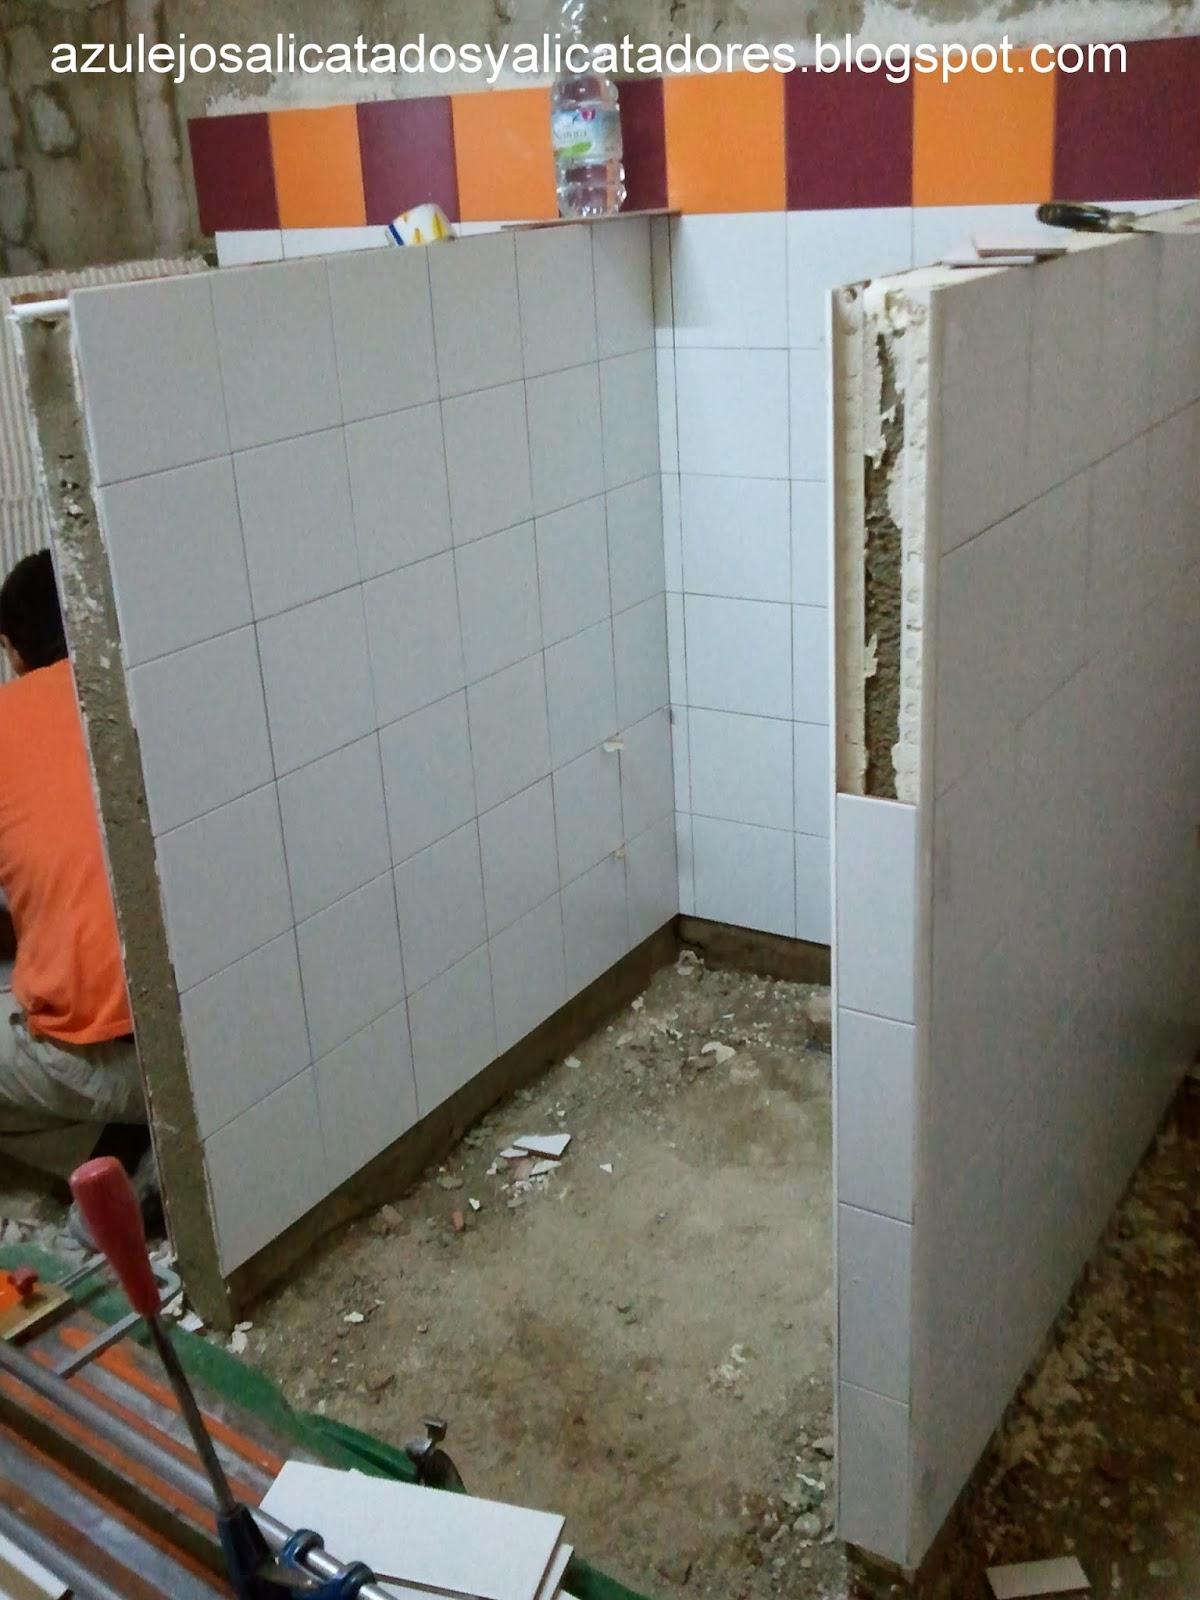 Azulejos ba o lechada cemento for Lechada azulejos bano